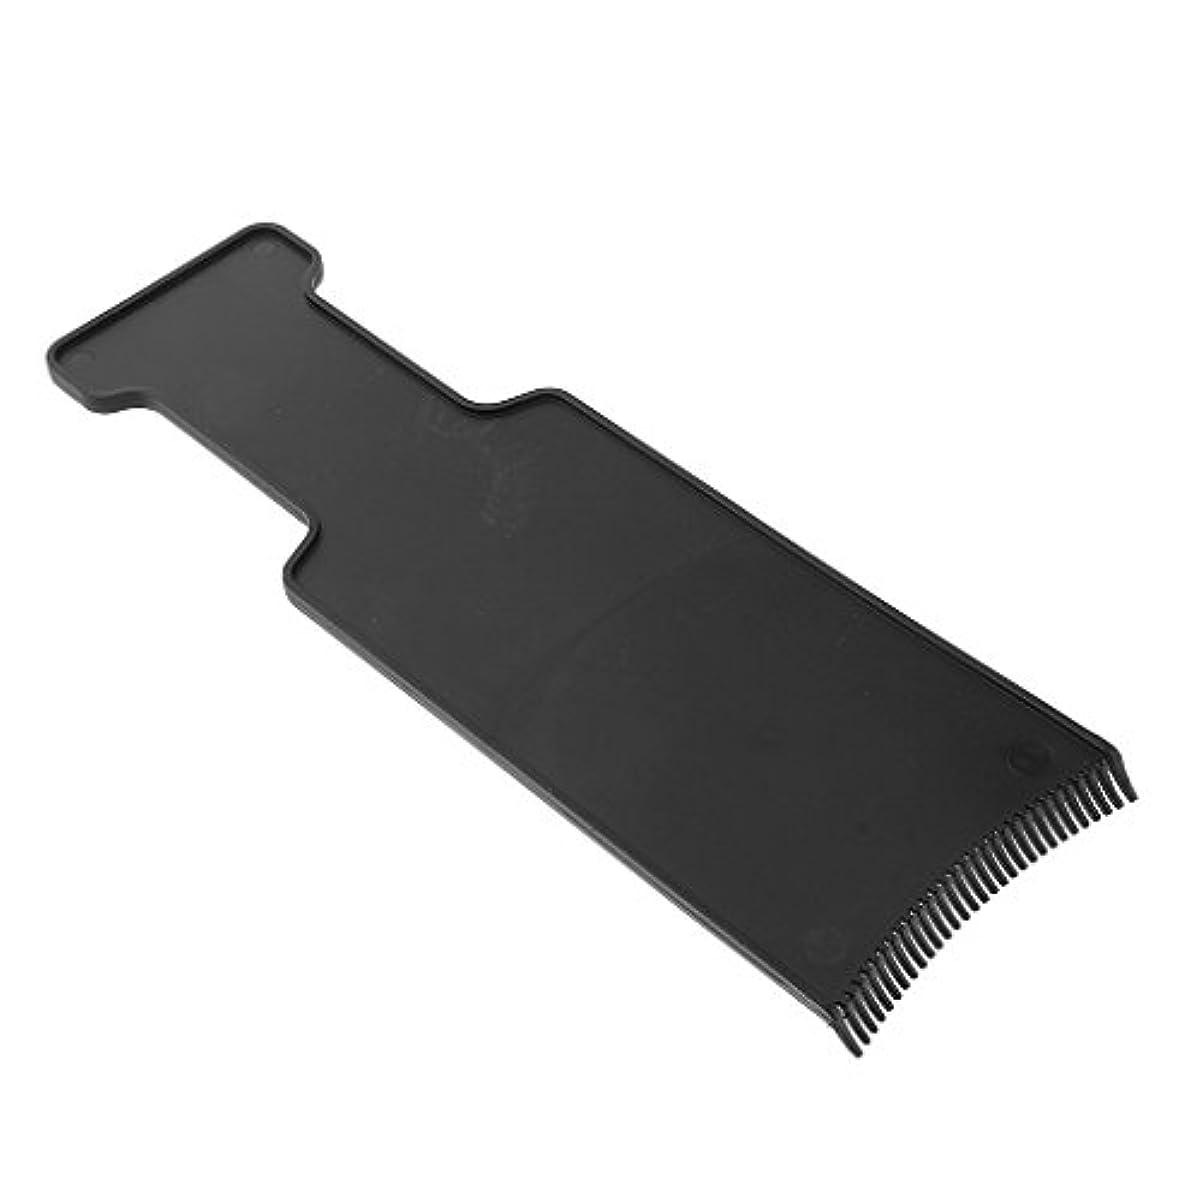 取り付けスケッチ強要Kesoto サロン ヘアカラー ボード ヘアカラーティント 美容 ヘア ツール 髪 保護 ブラック 全4サイズ - M